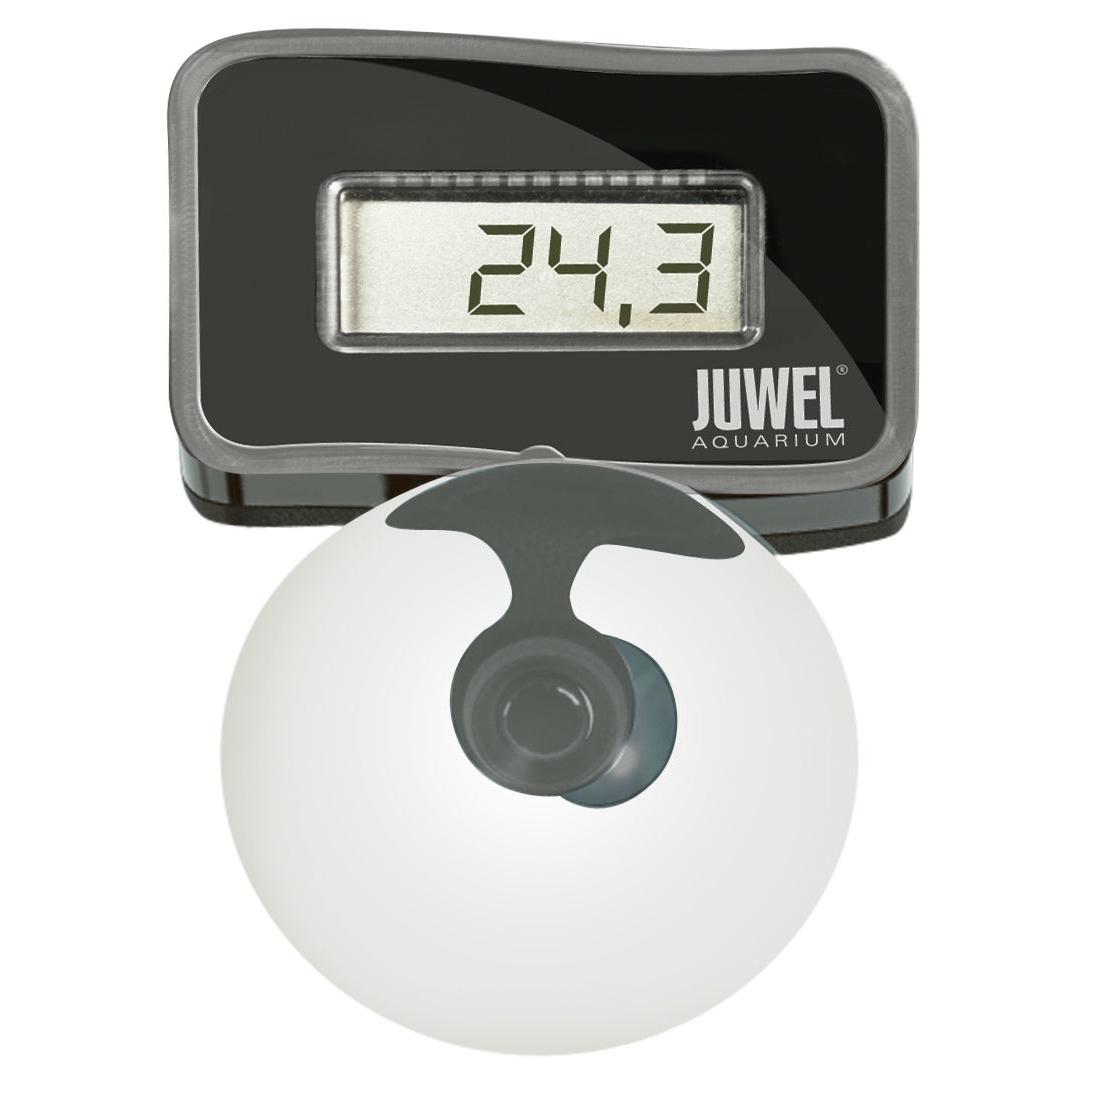 Juwel Digitalthermometer 2.0 für Aquarien, Bild 2